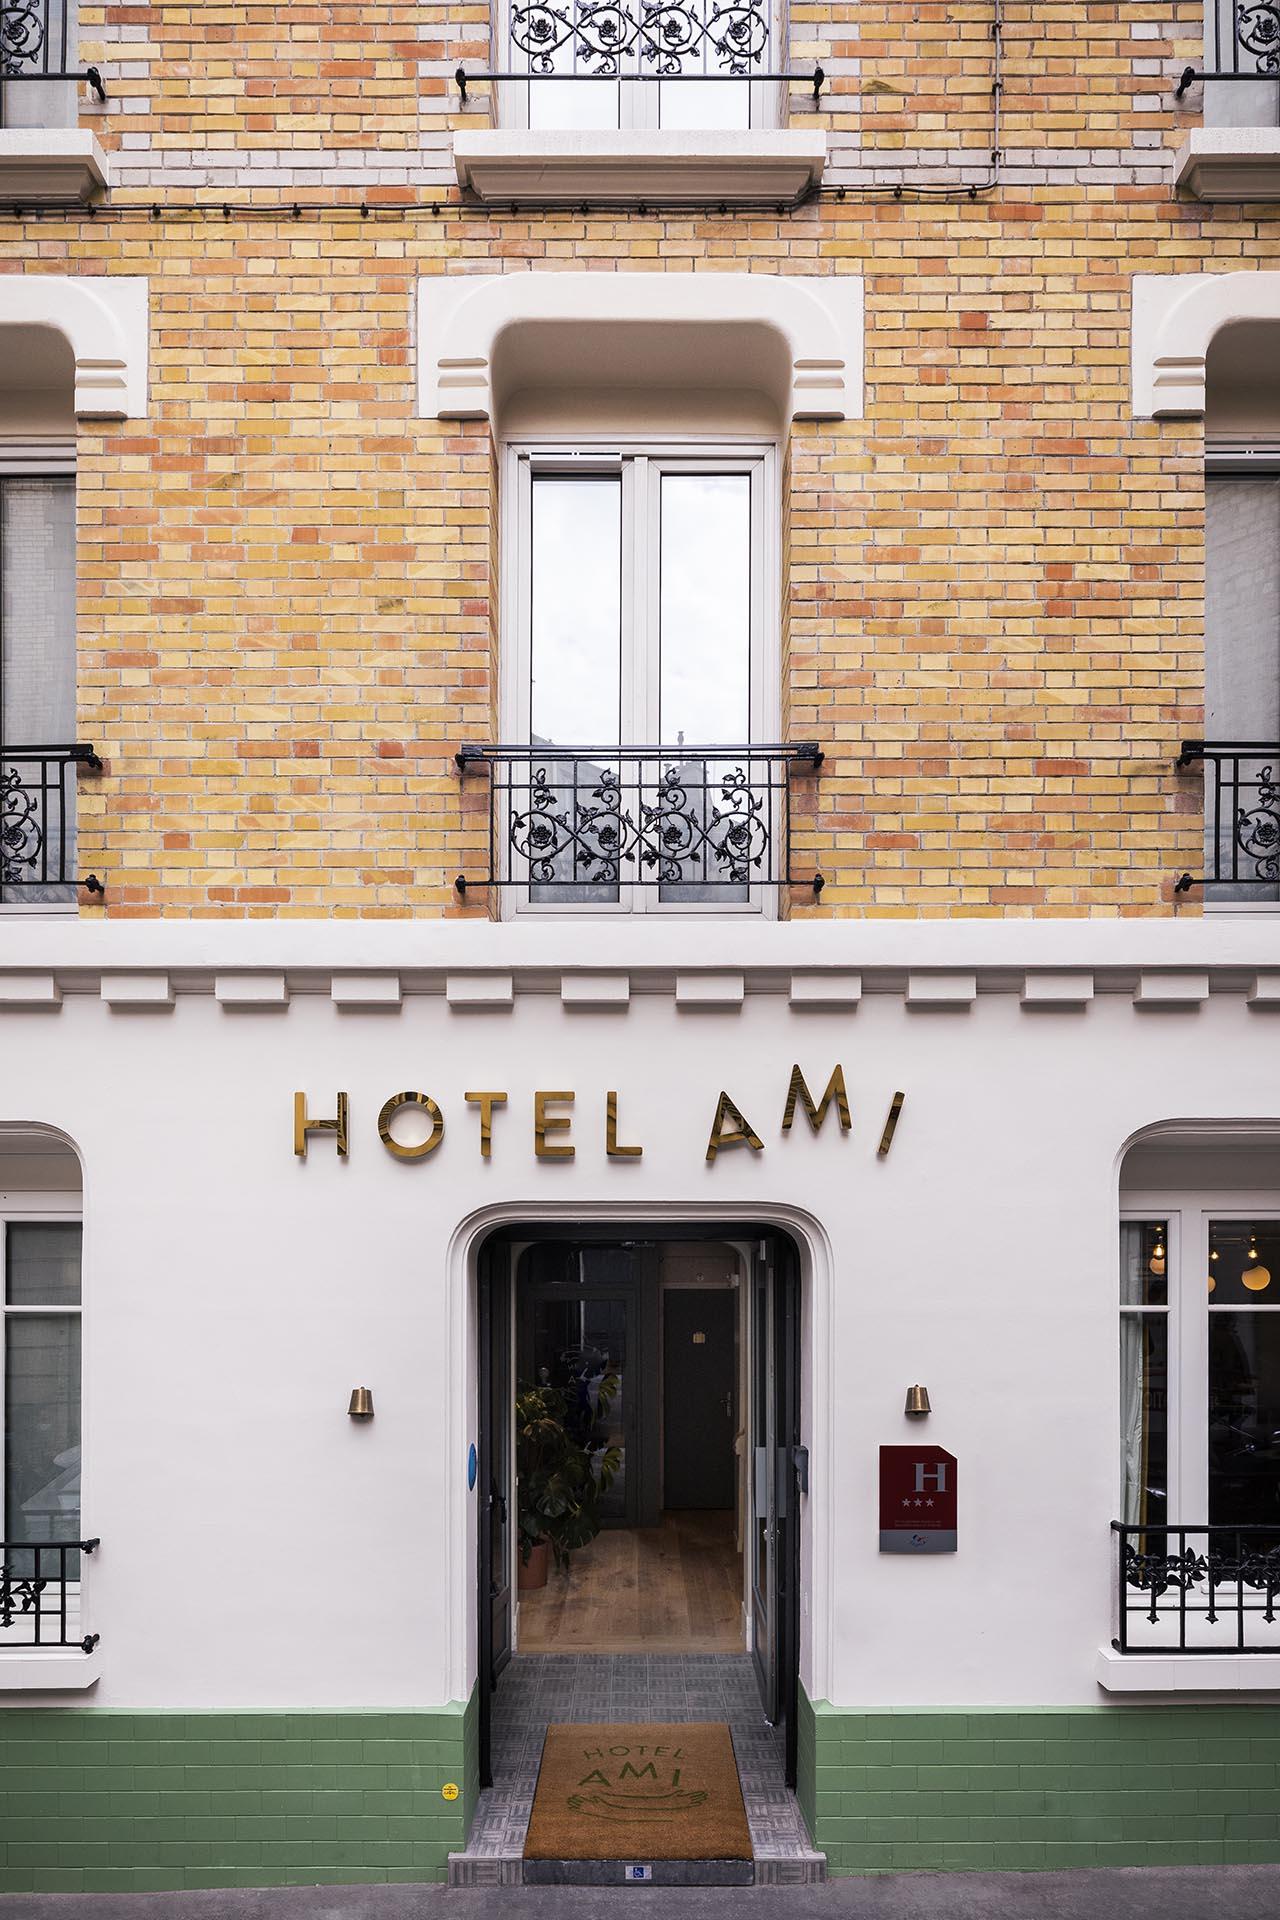 Hotel Ami, a Parigi il primo boutique hotel firmato Gesa Hansen